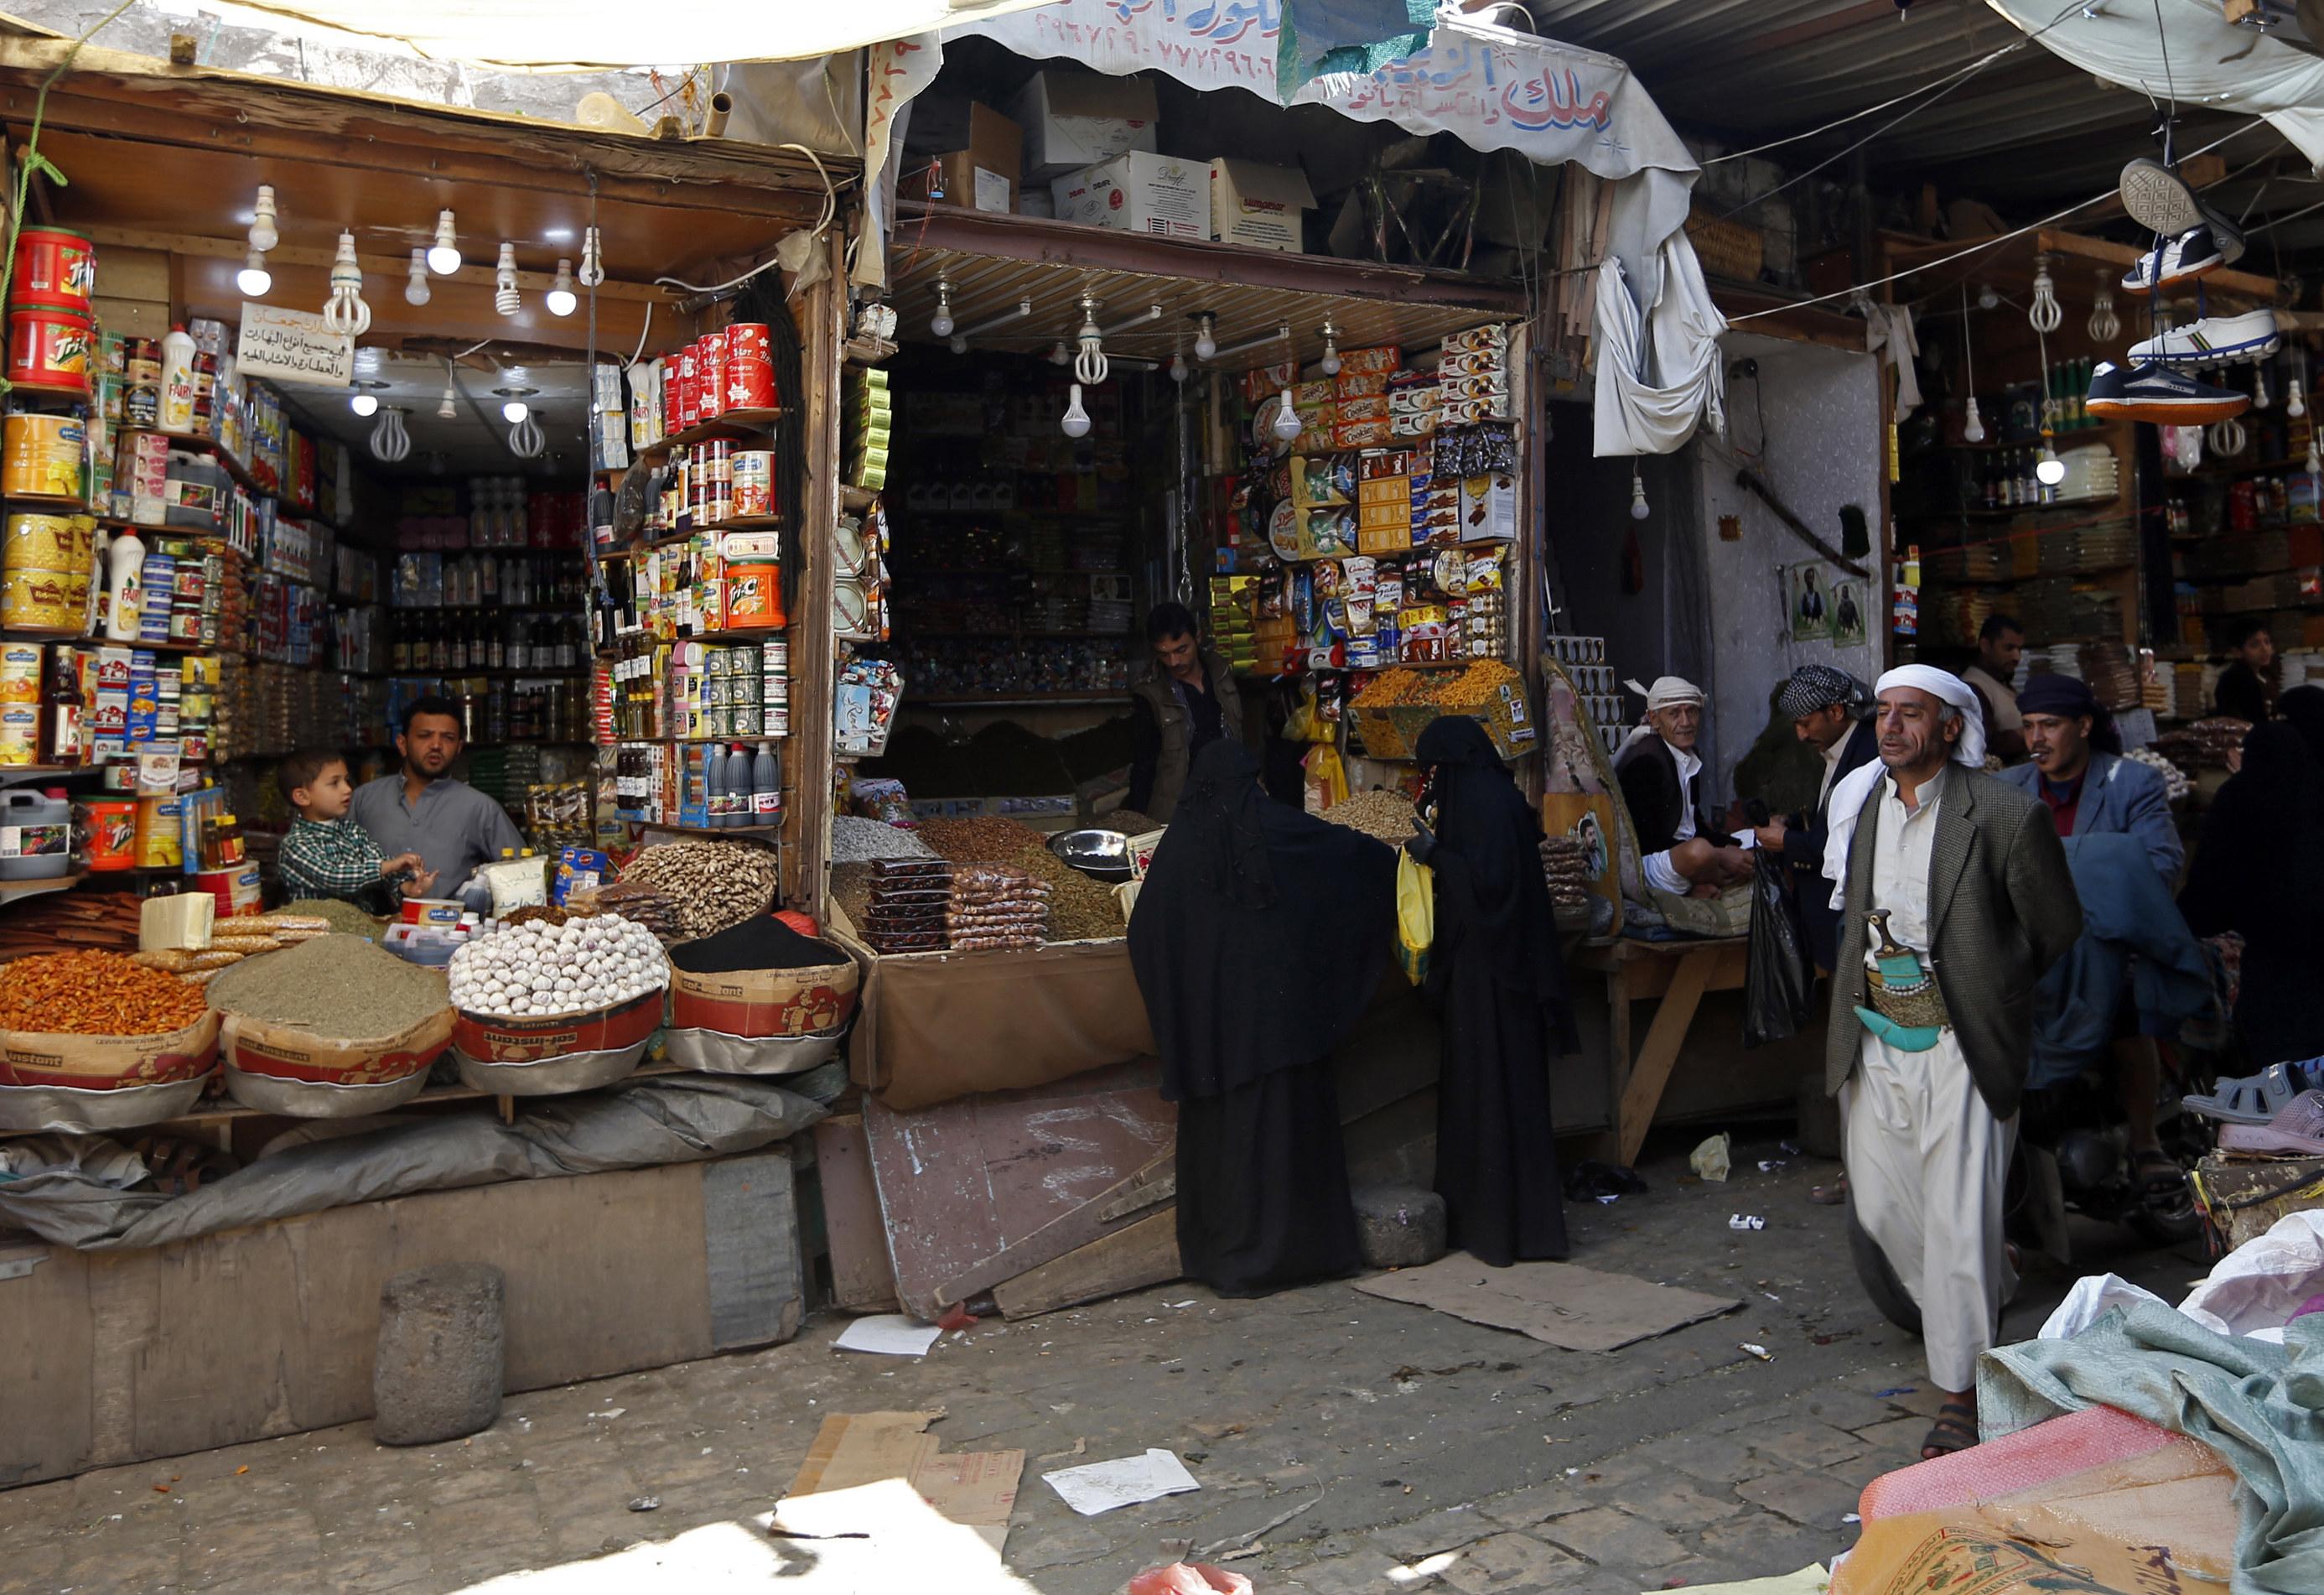 People shop at market stalls